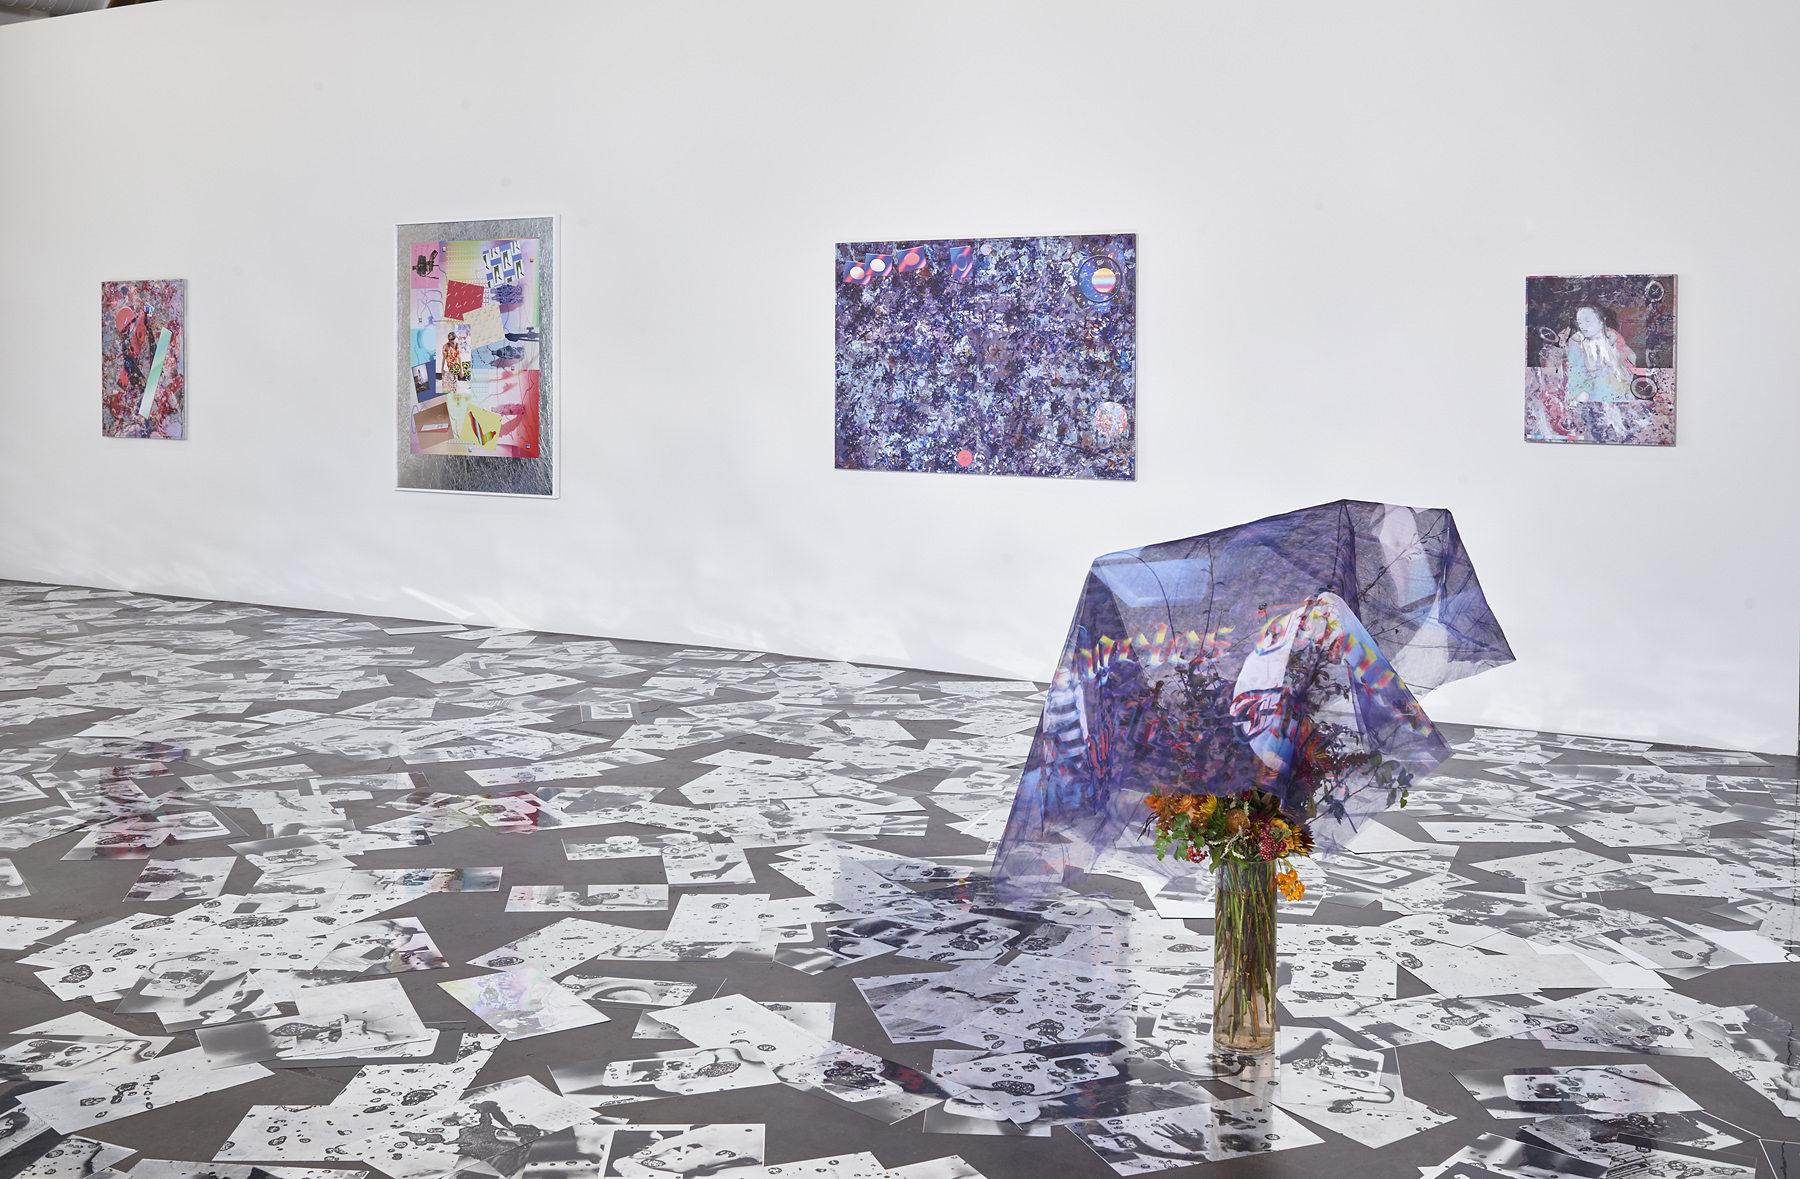 Mull_fused space, Nov 2015_Theoretical Children_Installation view_medium res 1